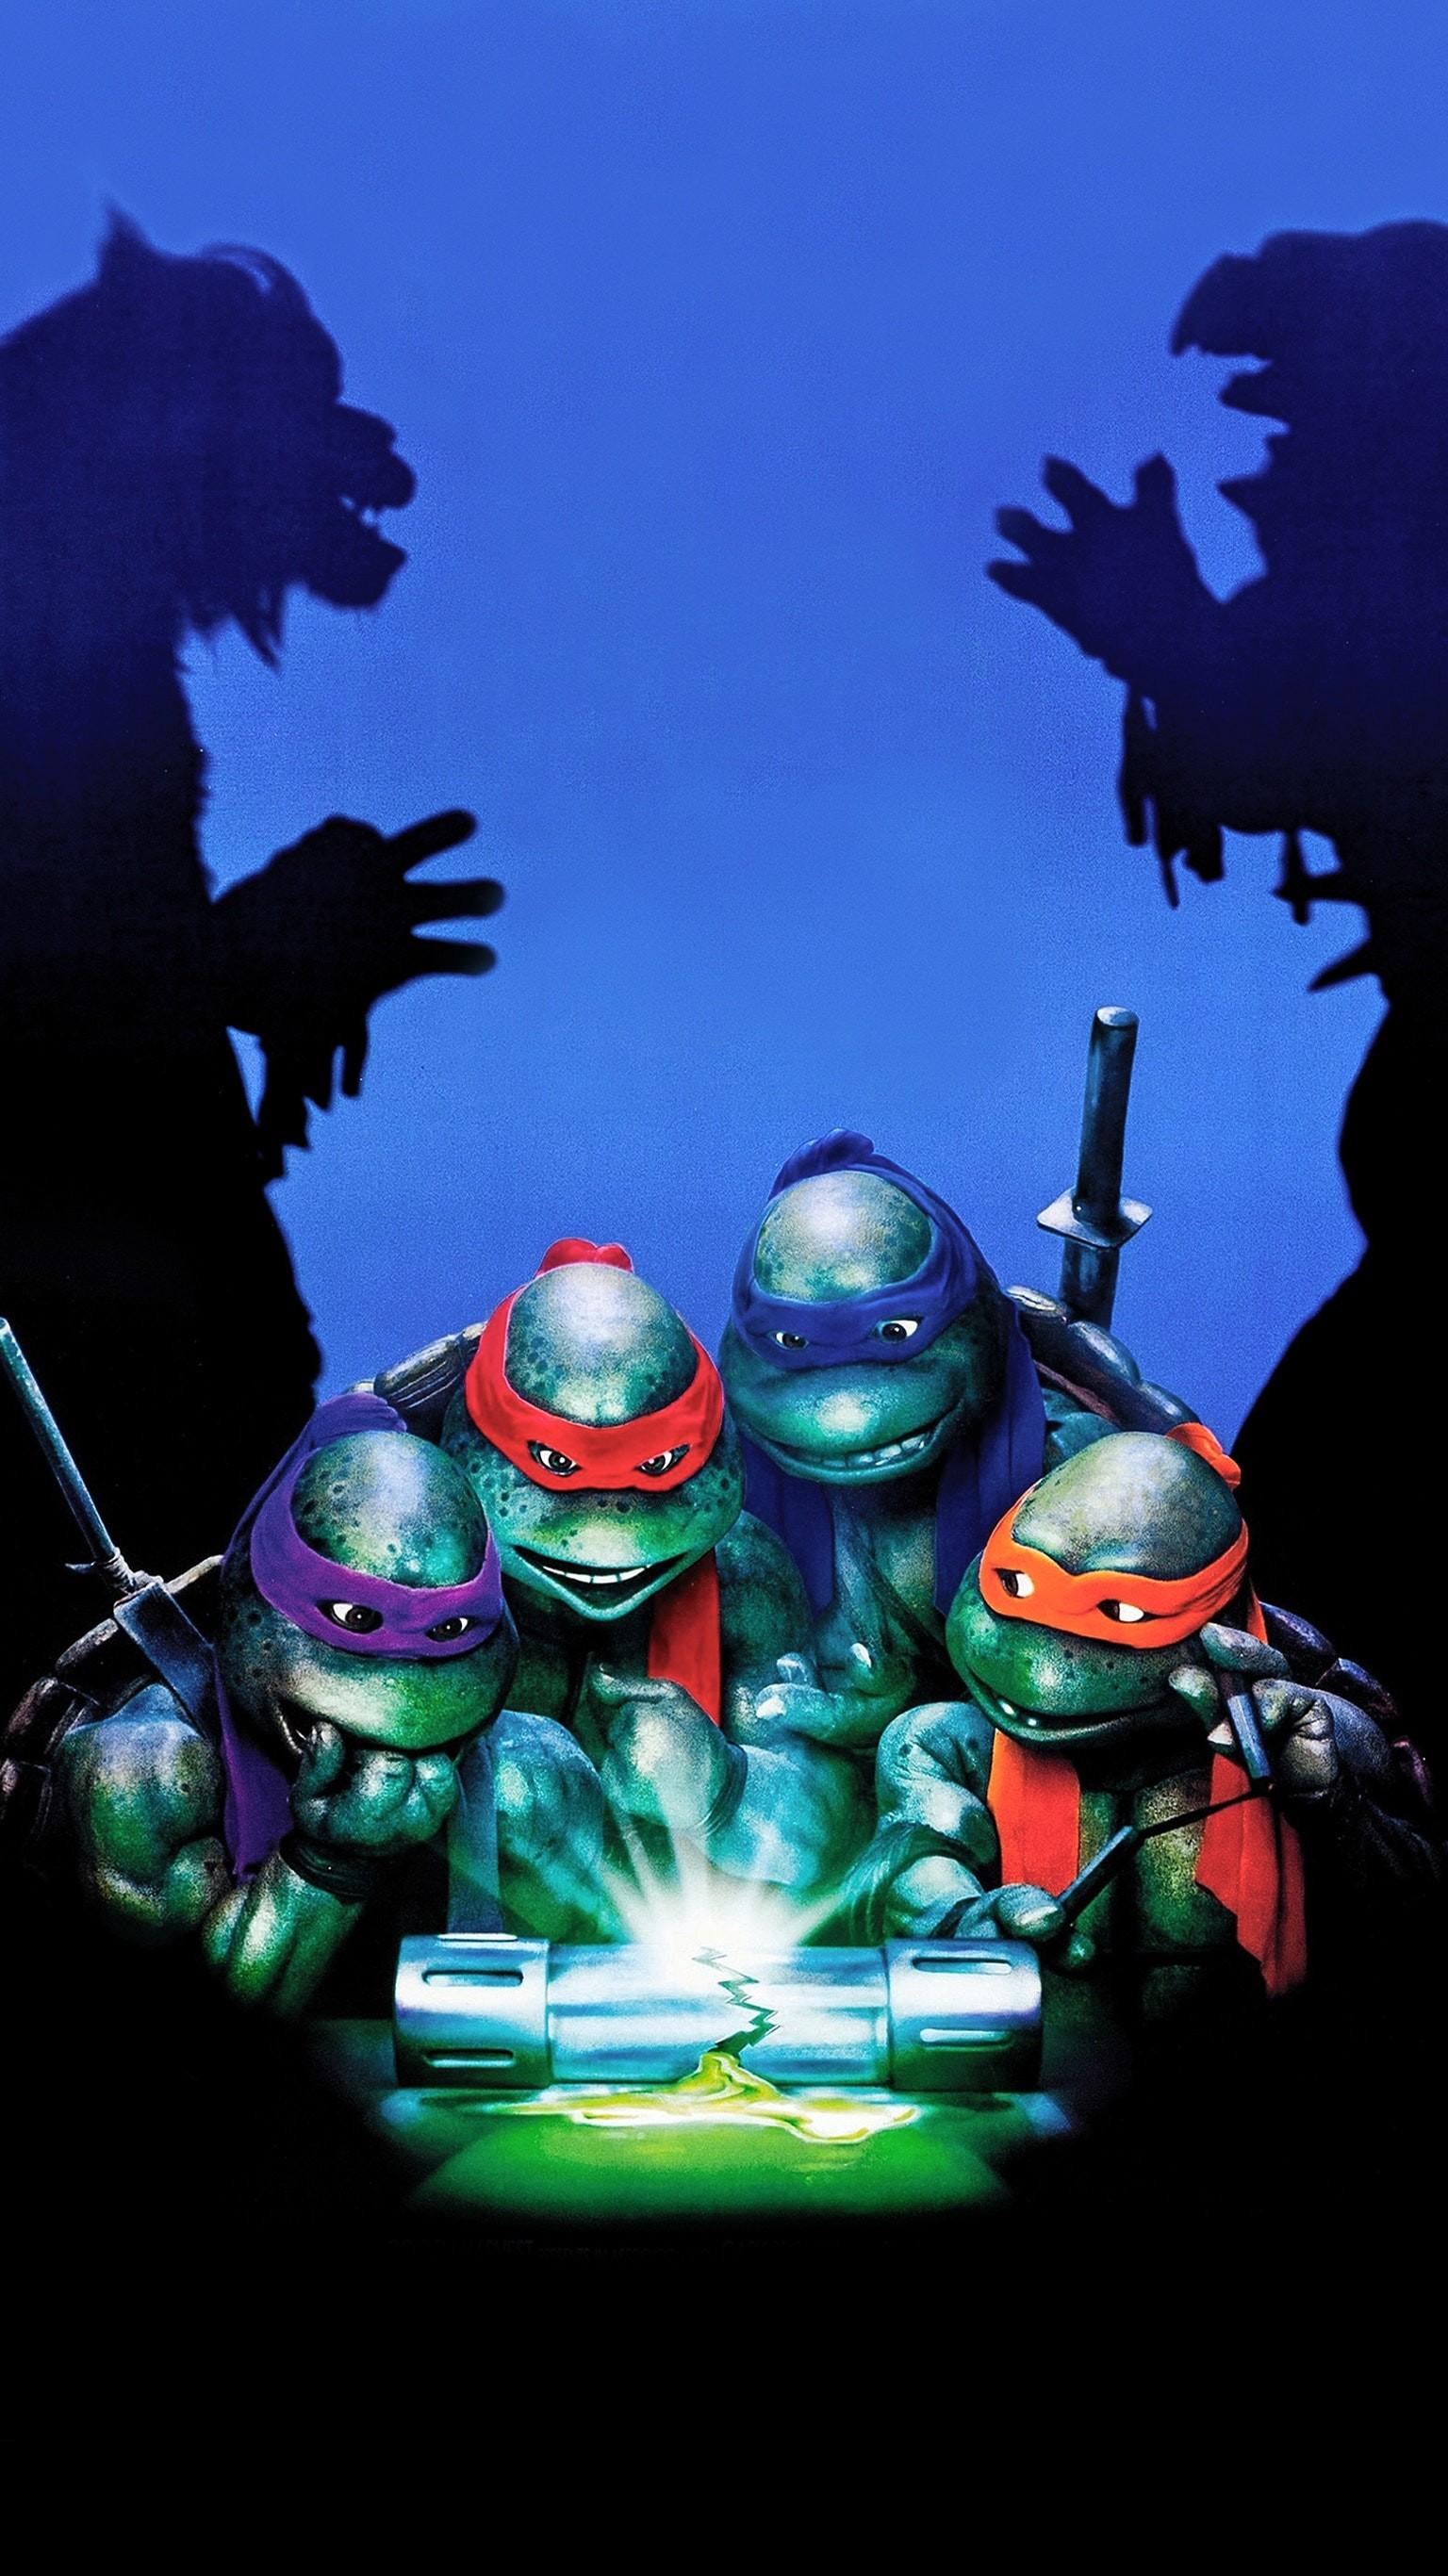 Teenage mutant ninja turtles 2018 wallpaper 65 pictures - Ninja turtles wallpaper ...